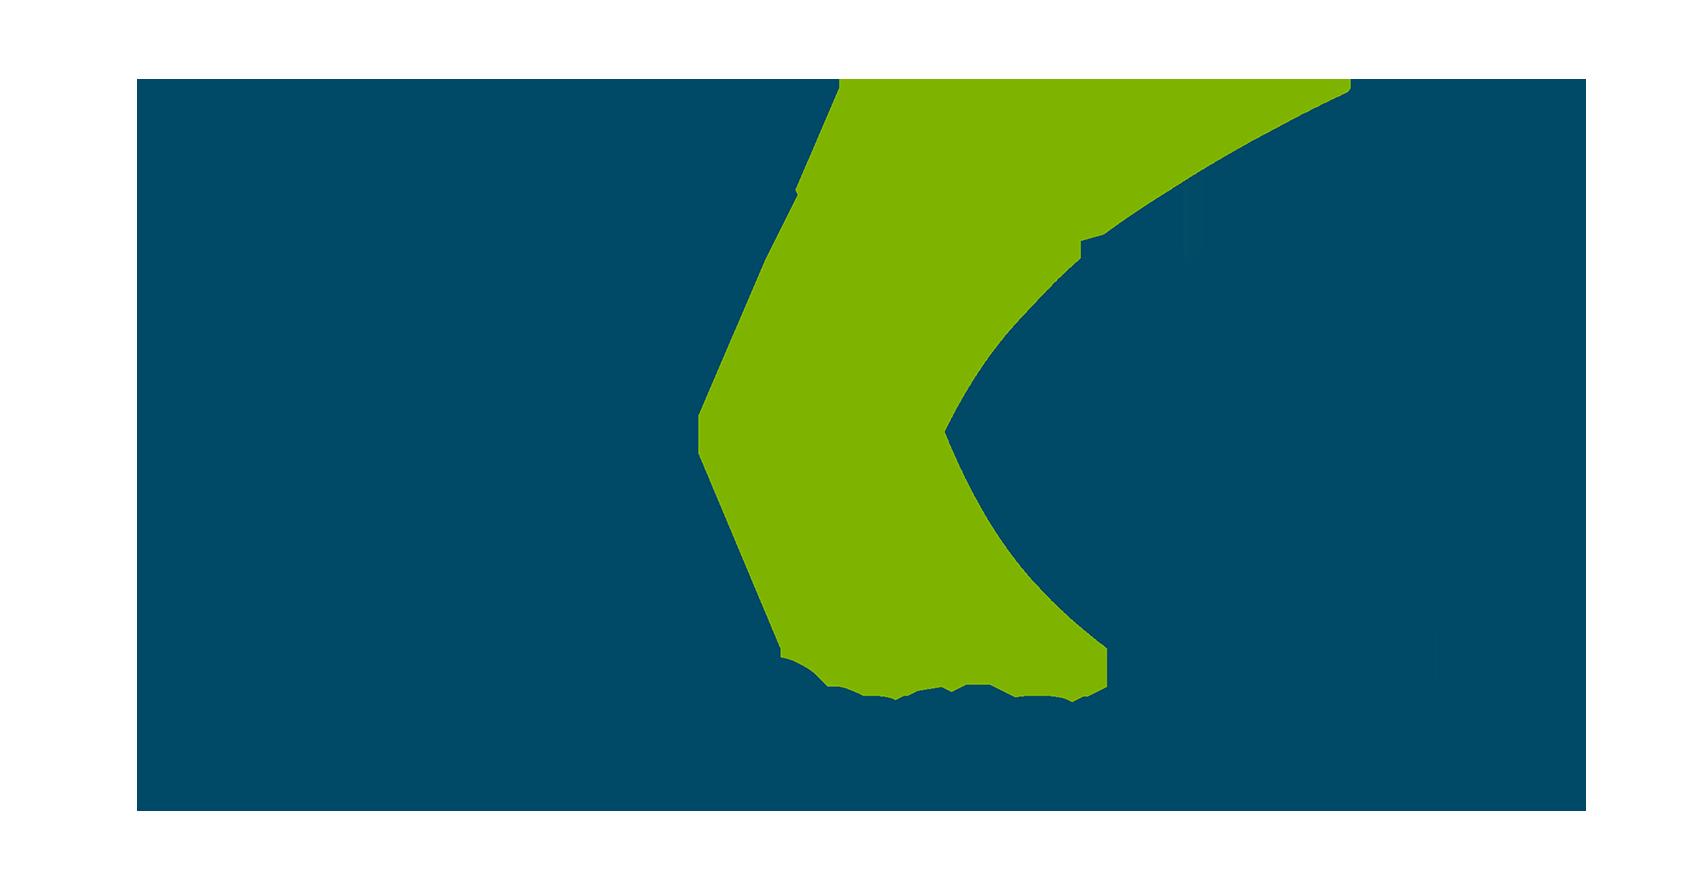 Fkc International Inc